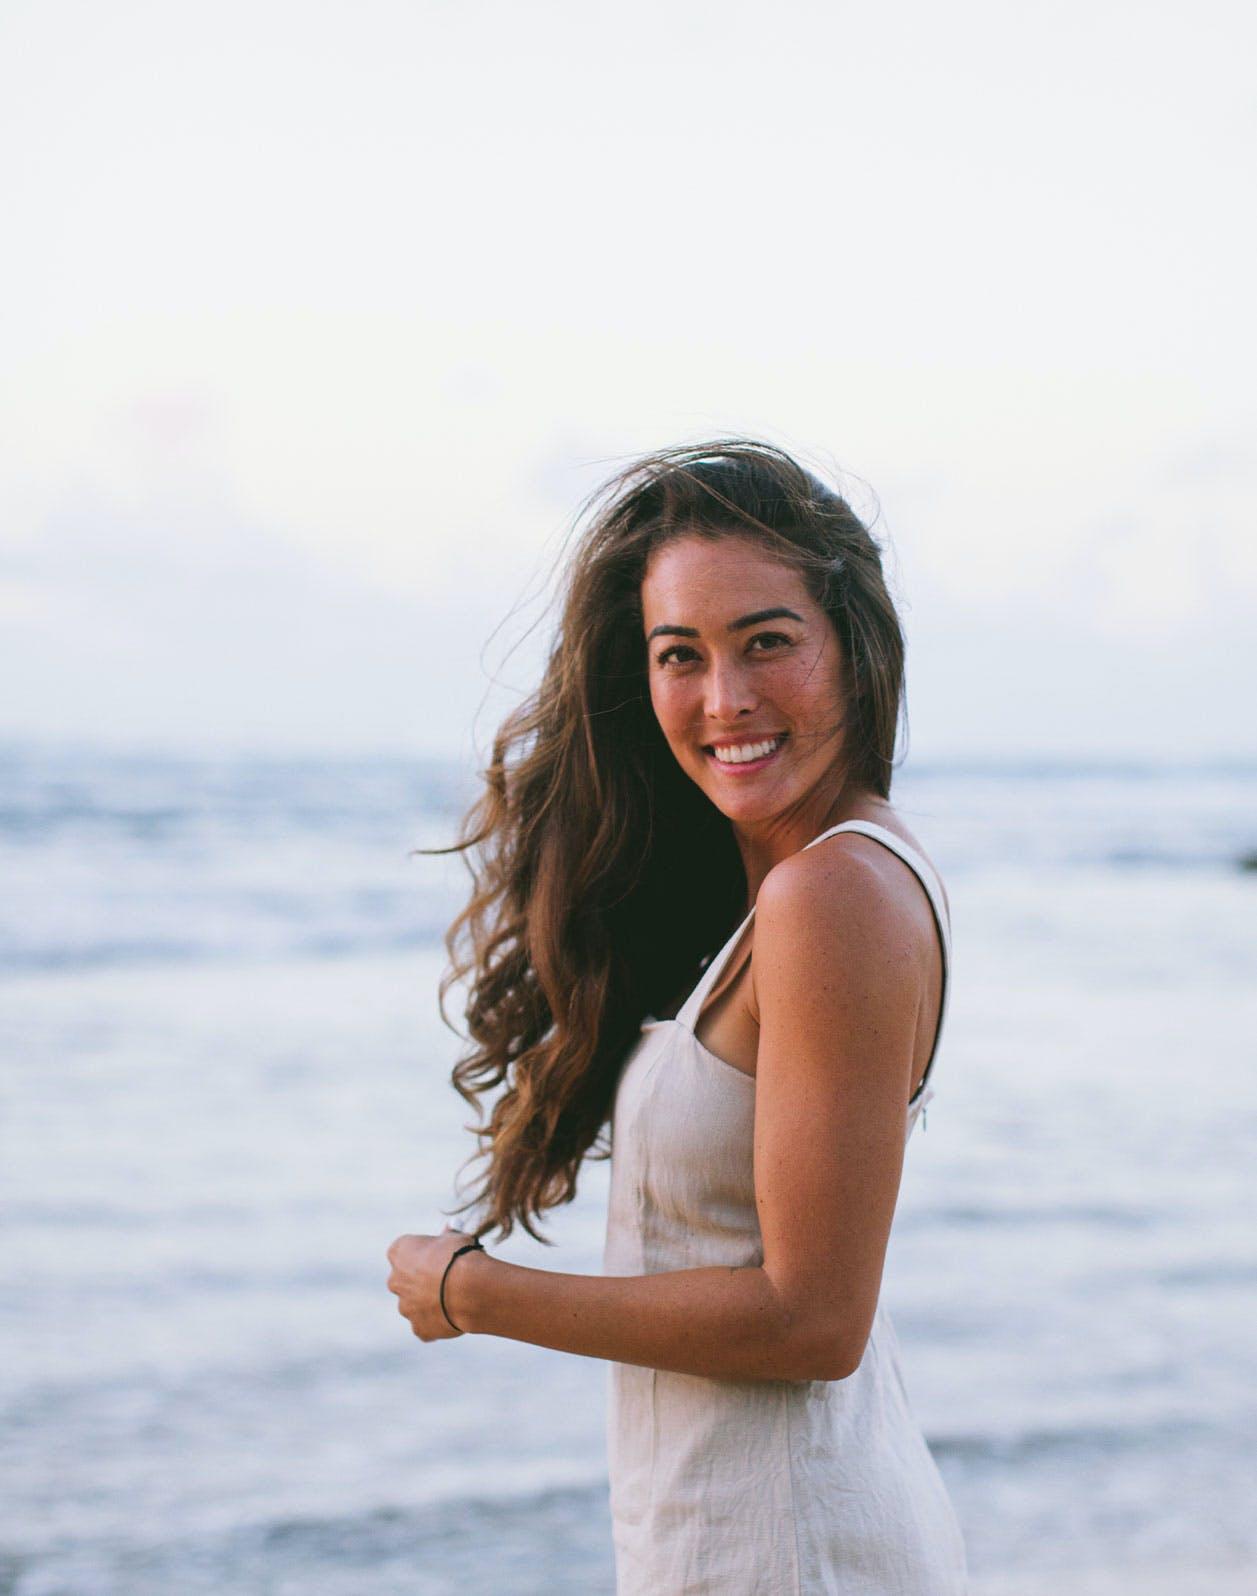 Chelsea Yamase